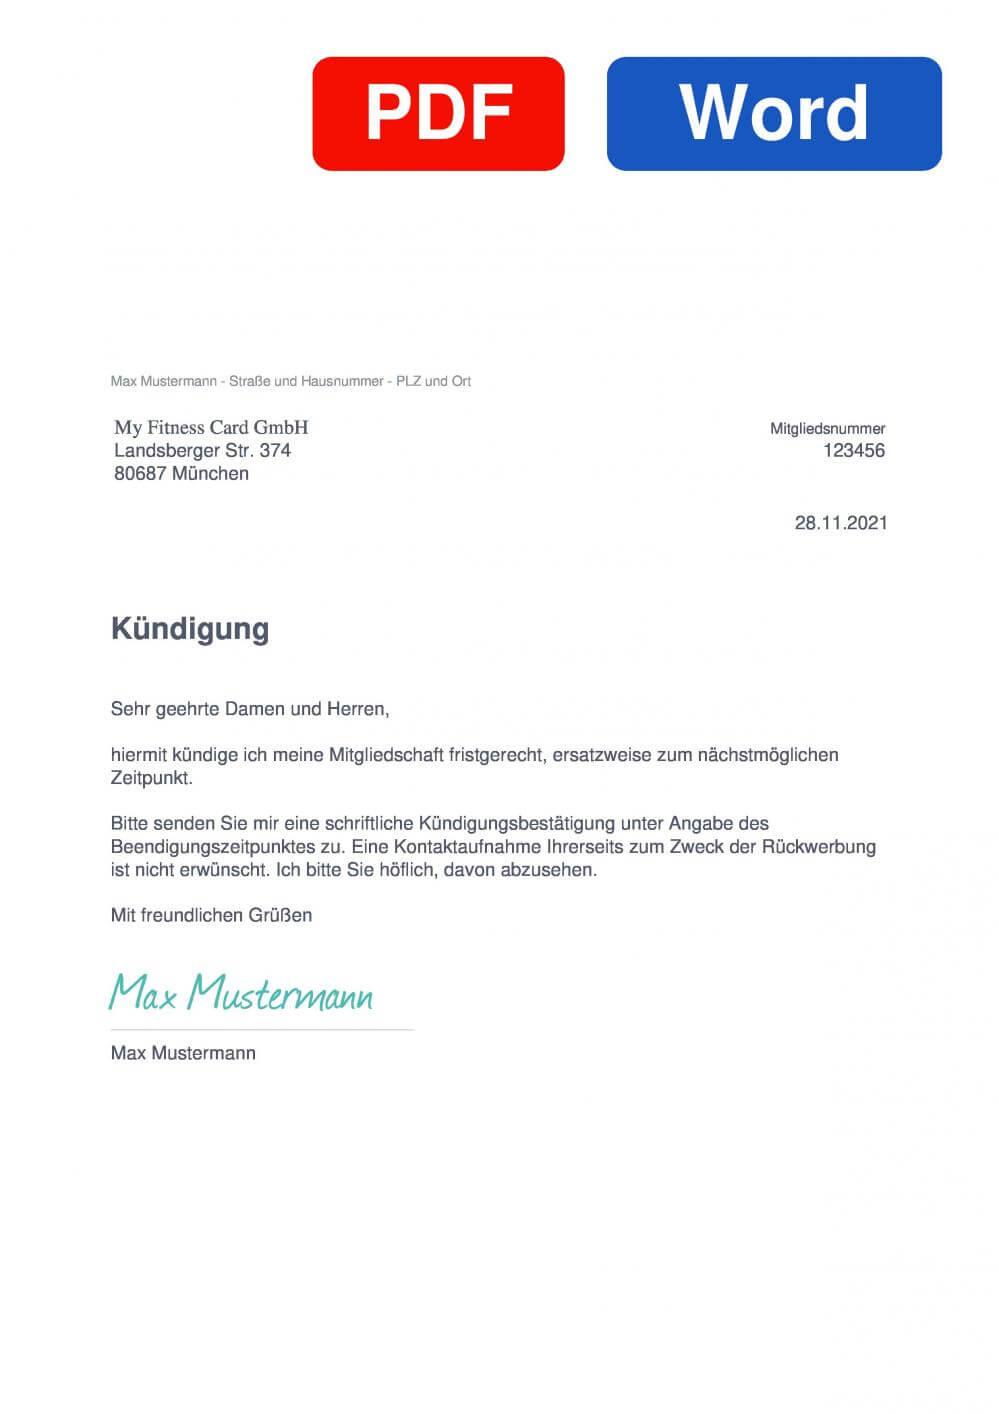 My Fitness Card GmbH Muster Vorlage für Kündigungsschreiben